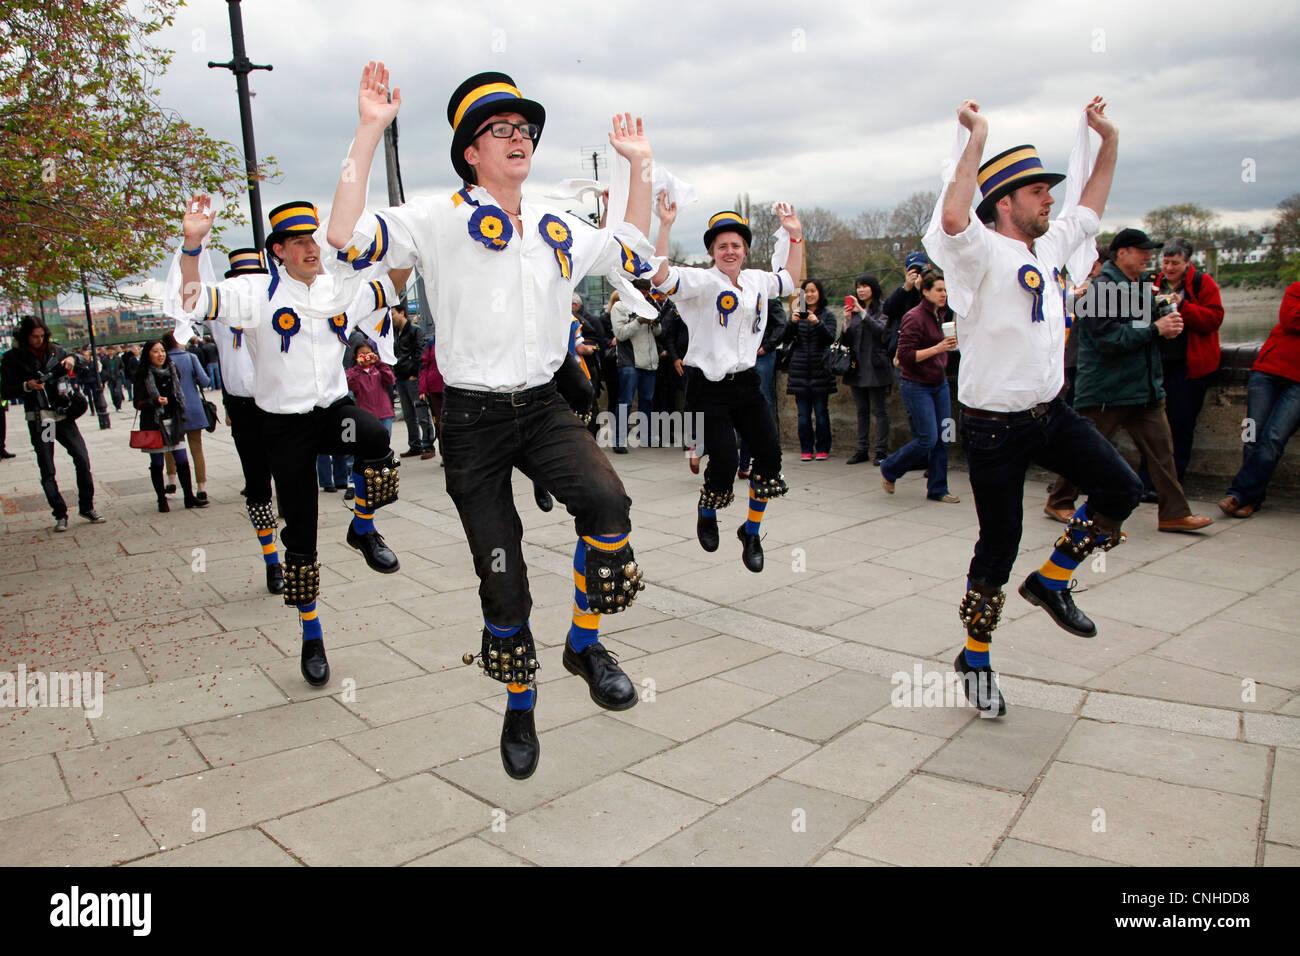 Hammersmith Morris Men dancers, doing traditional Morris Dancing - Stock Image